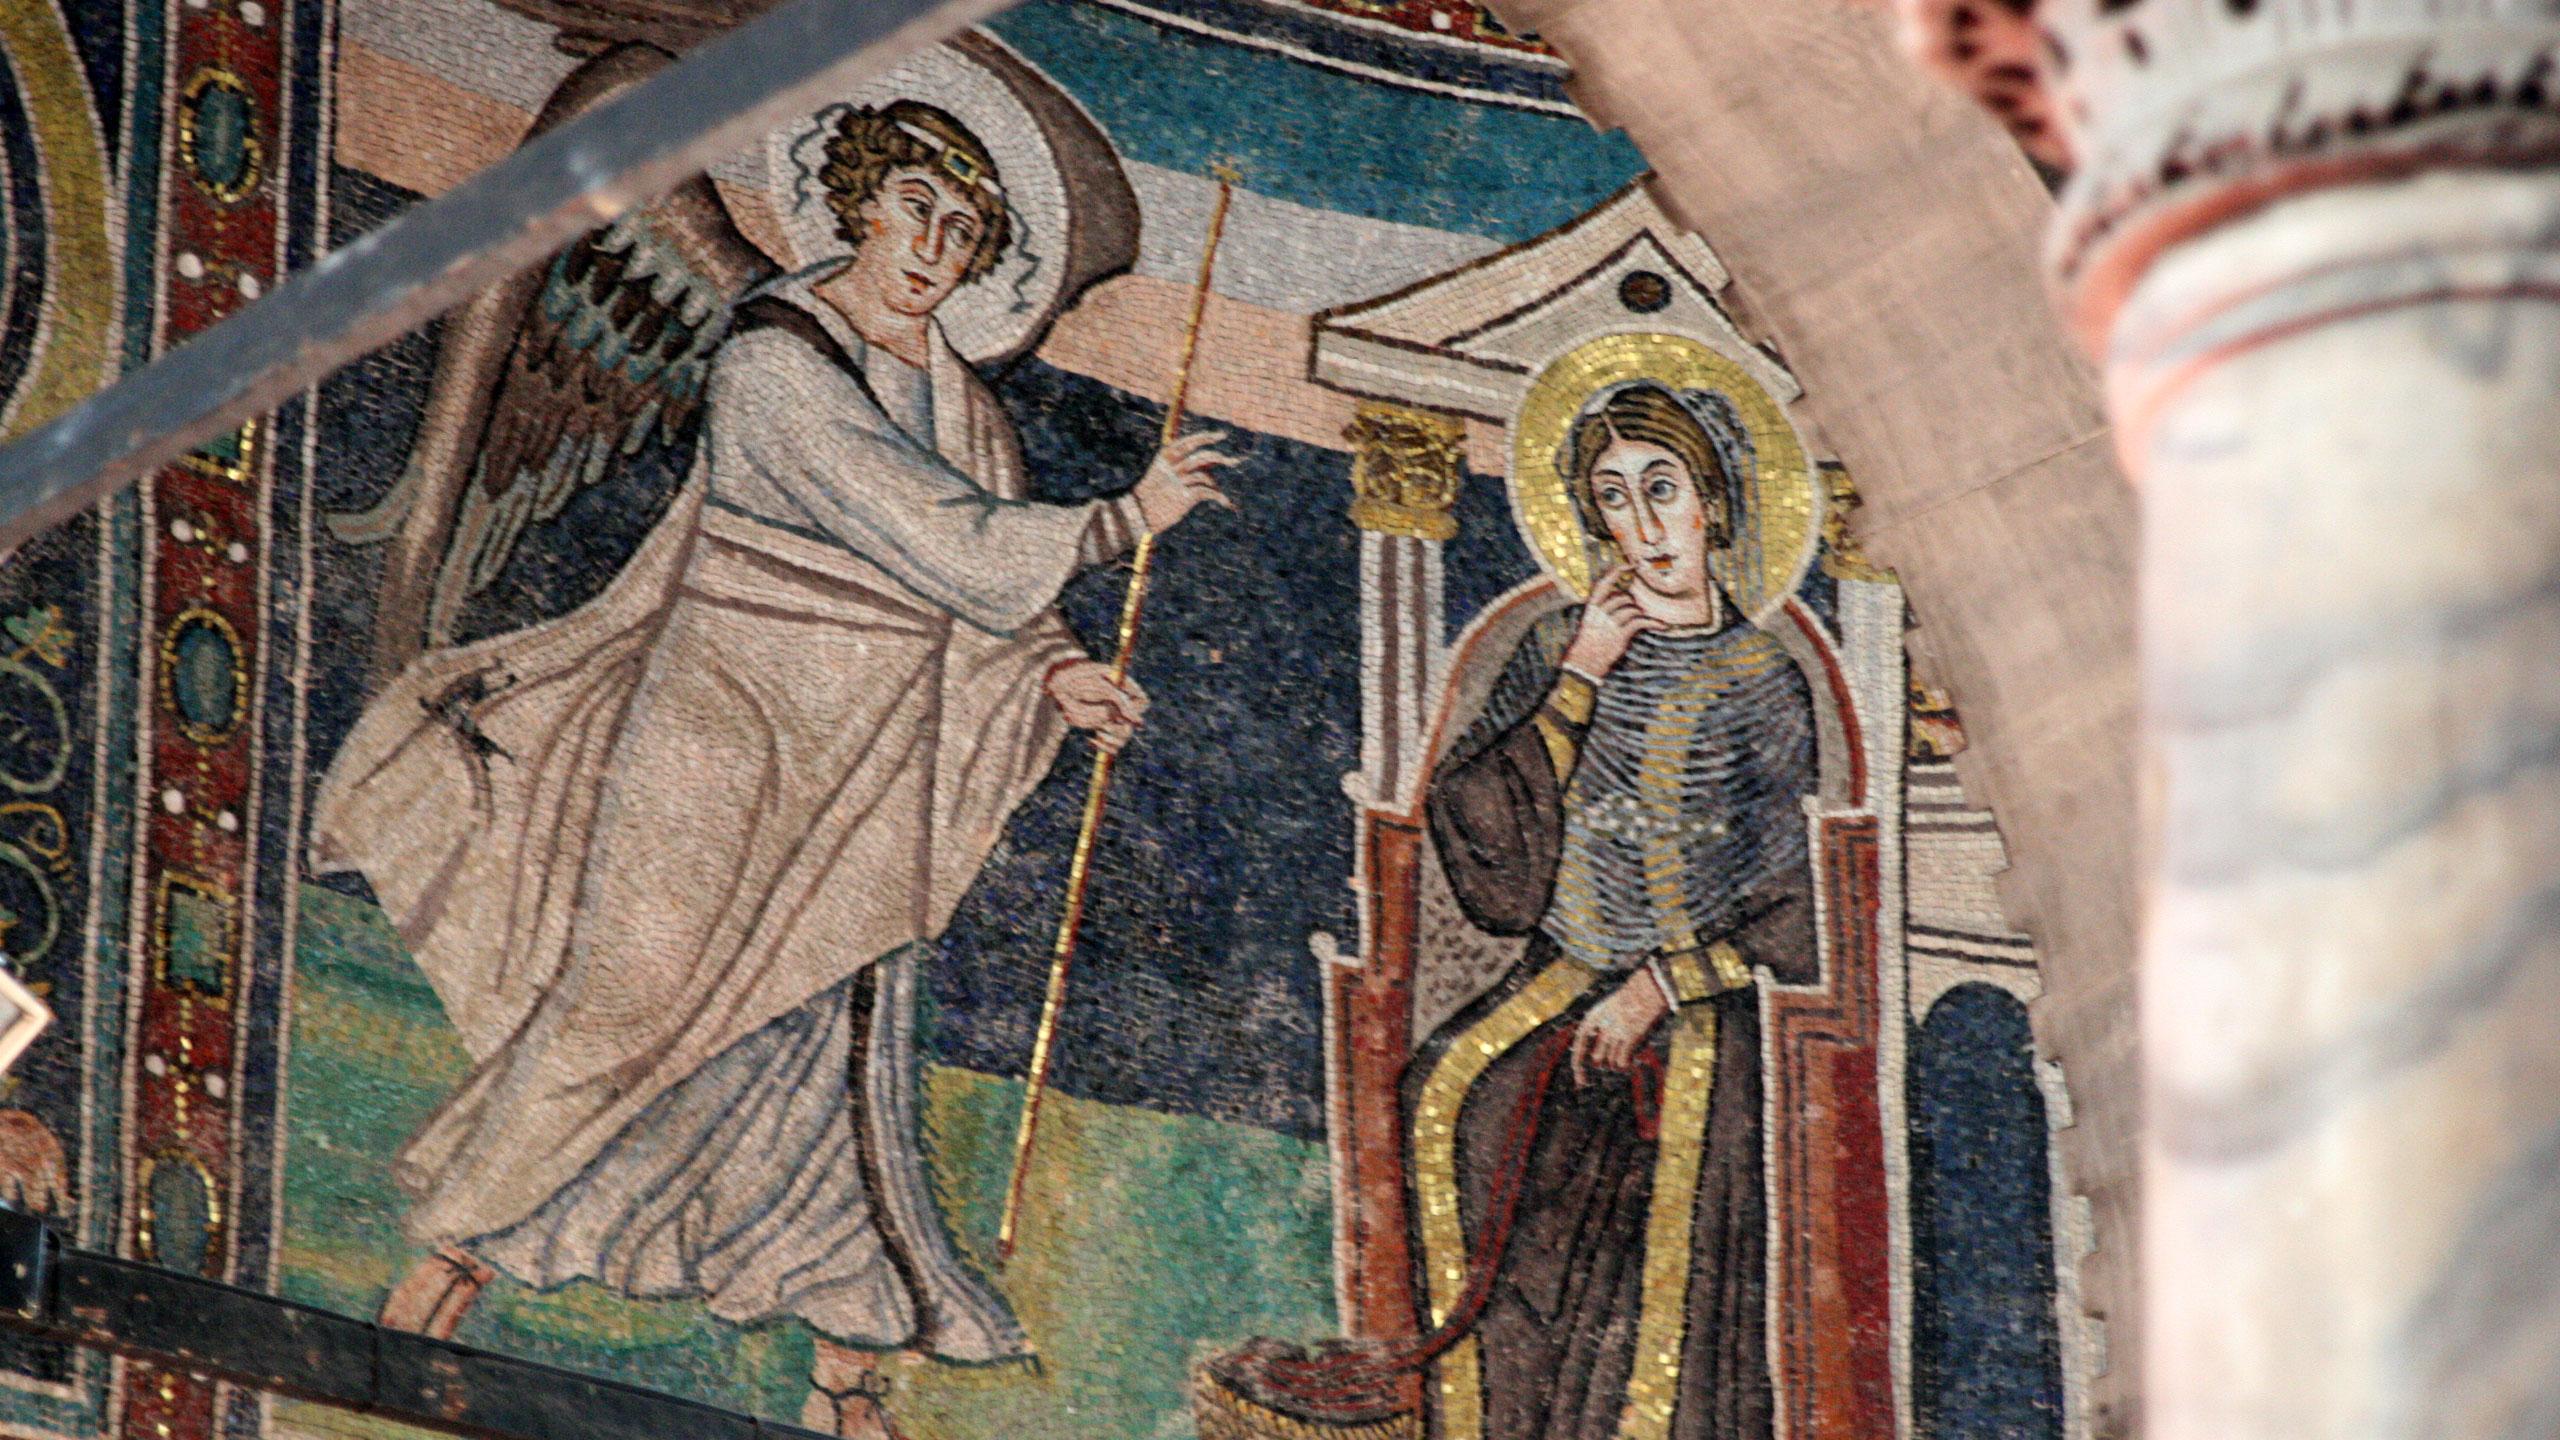 Archanioł z Poreča – chluba Istrii